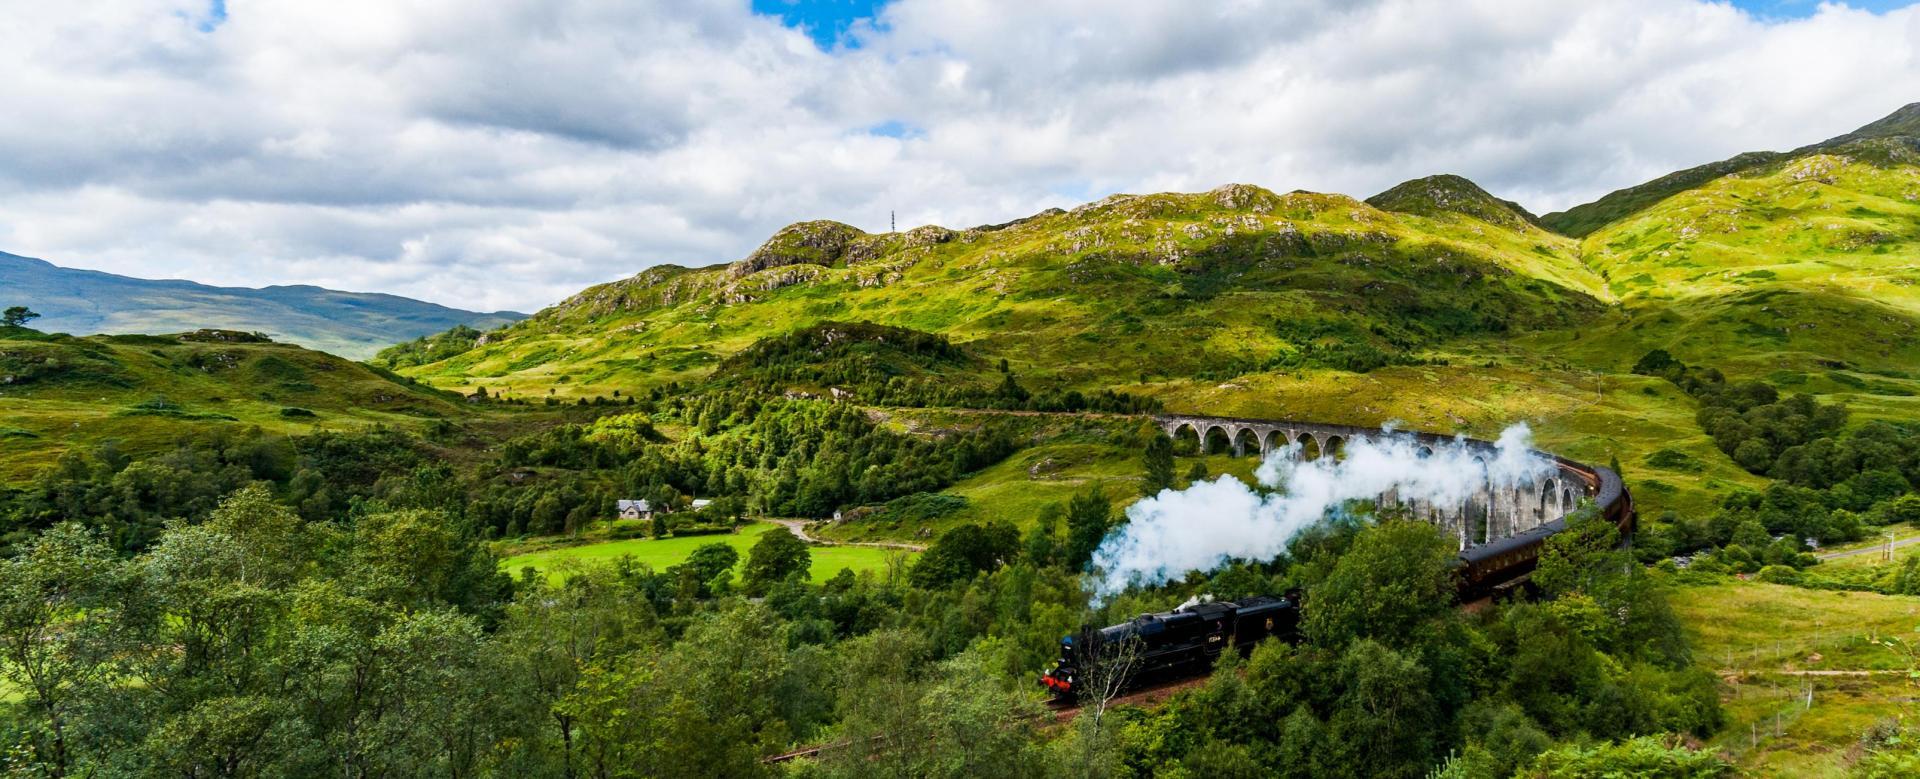 Voyage à pied : West highland way et île de skye